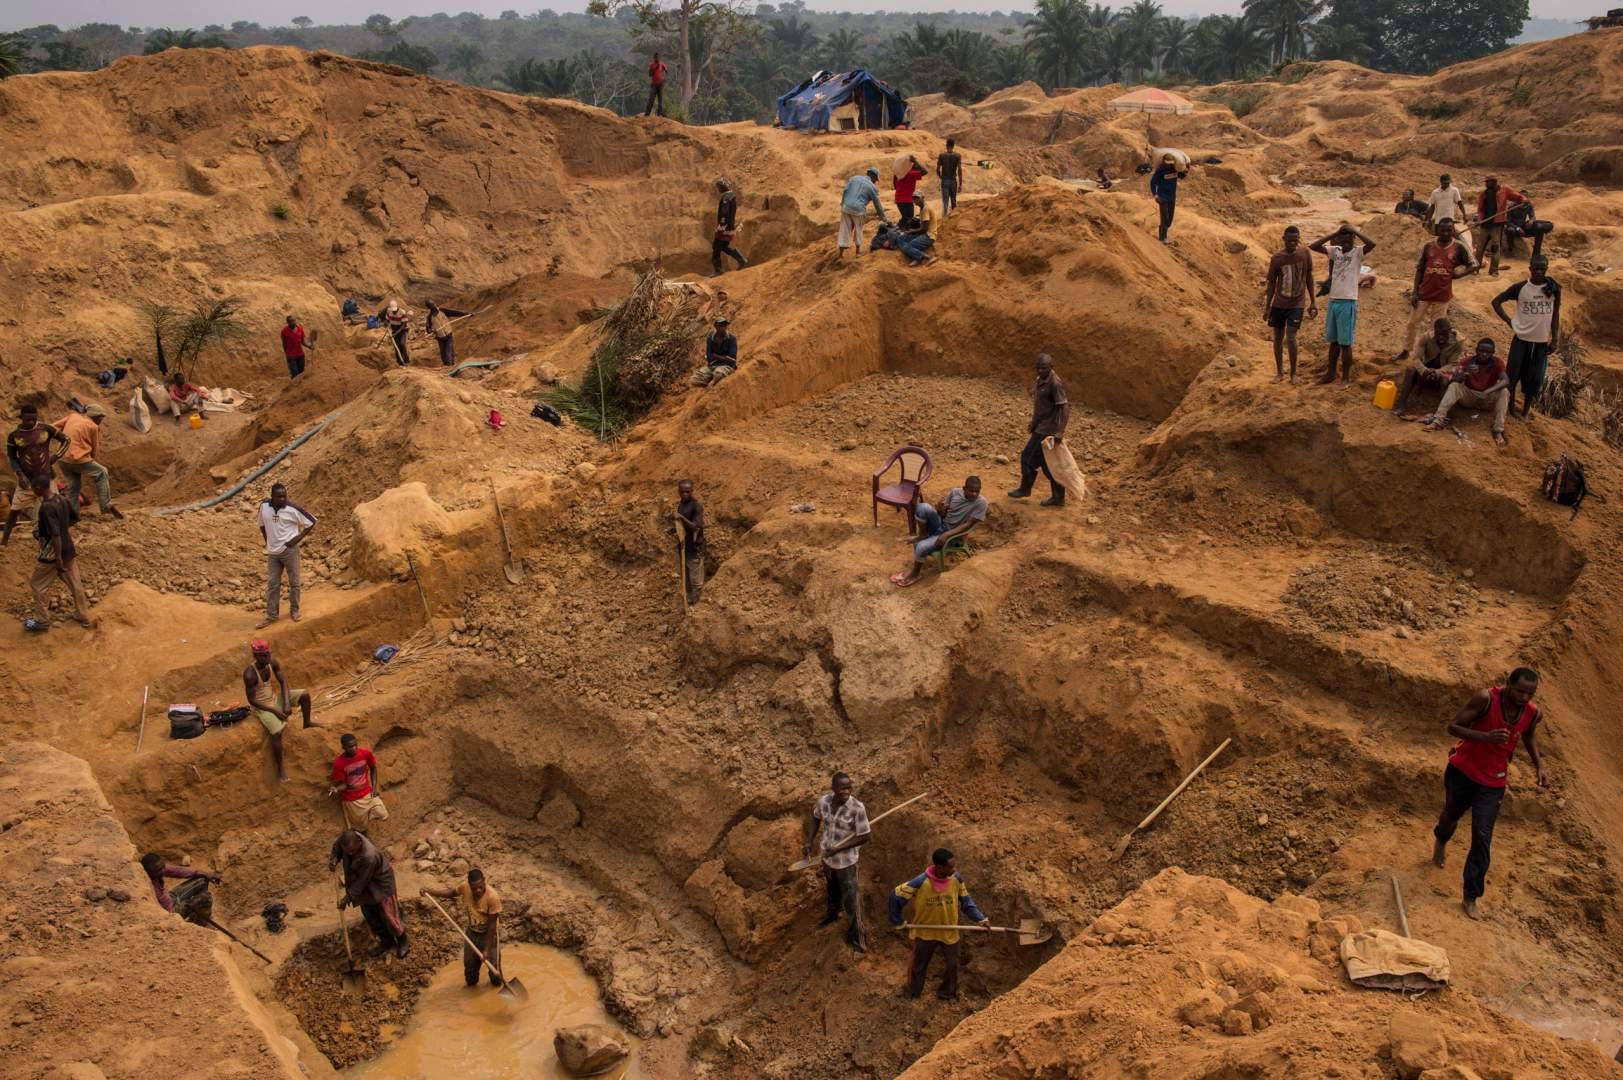 Добыча алмазов в Демокартической Республике Конго. Фото № 10